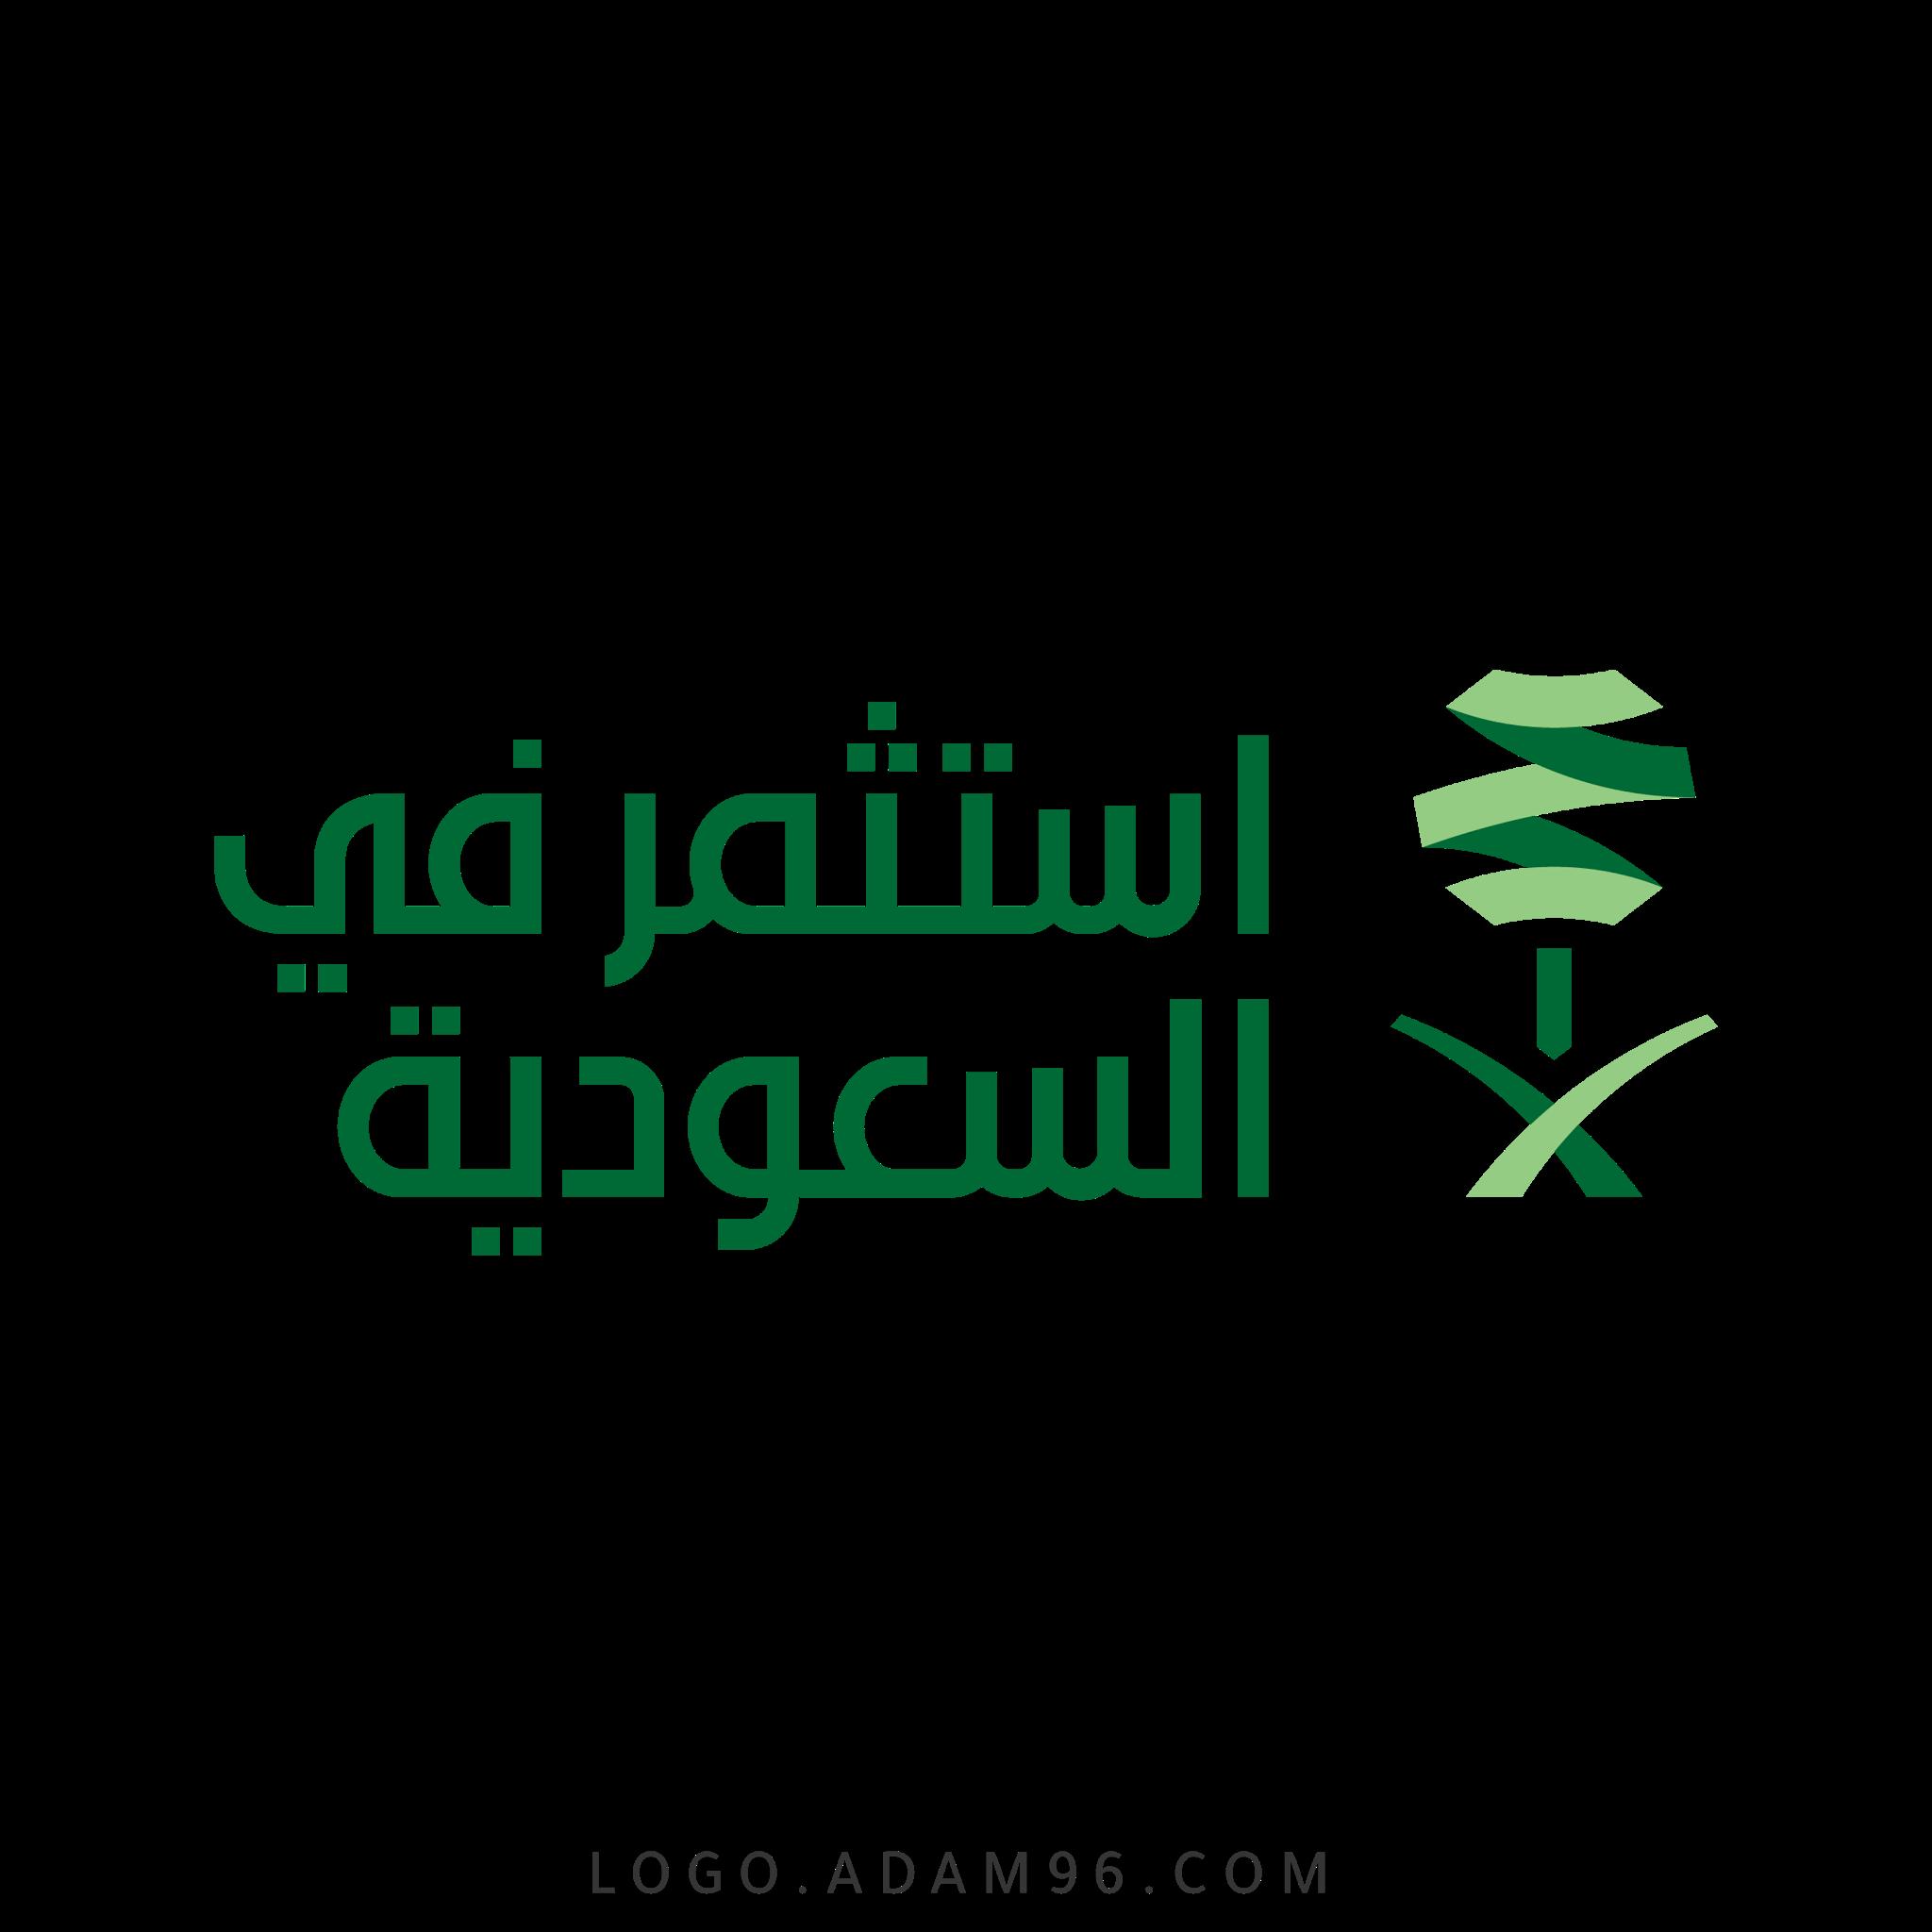 تحميل شعار استثمر في السعودية لوجو رسمي عالي الجودة PNG